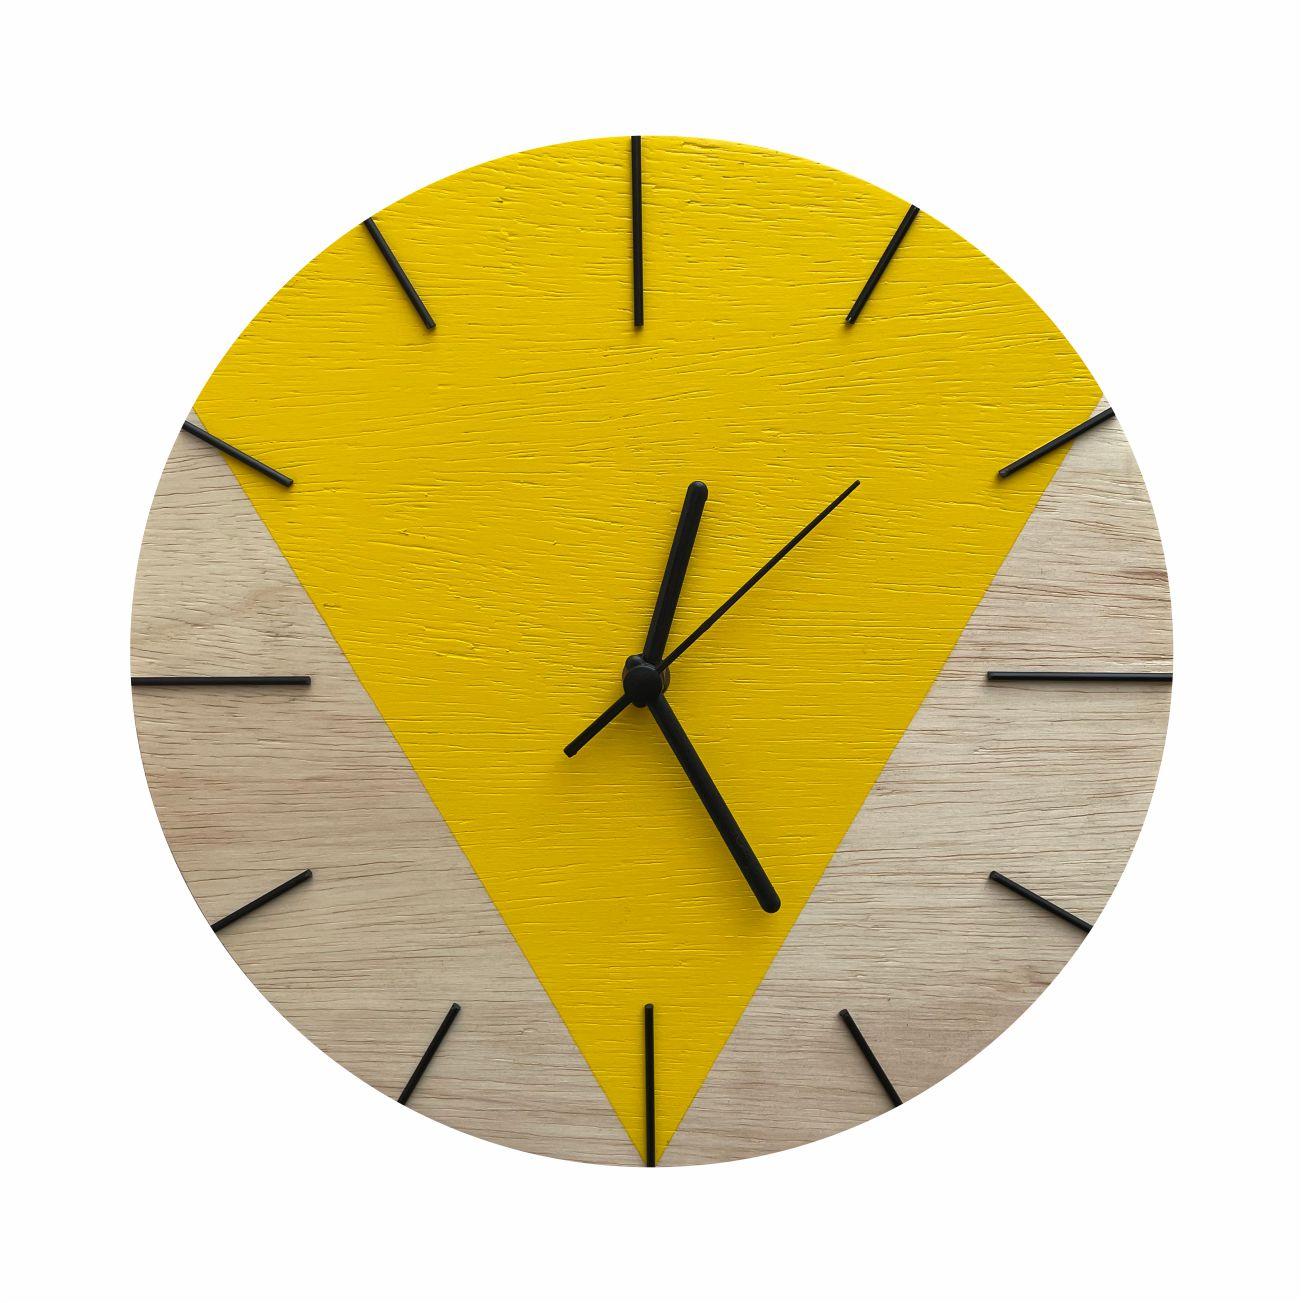 Relógio de Parede Design Triangular - 30cm Sunflower